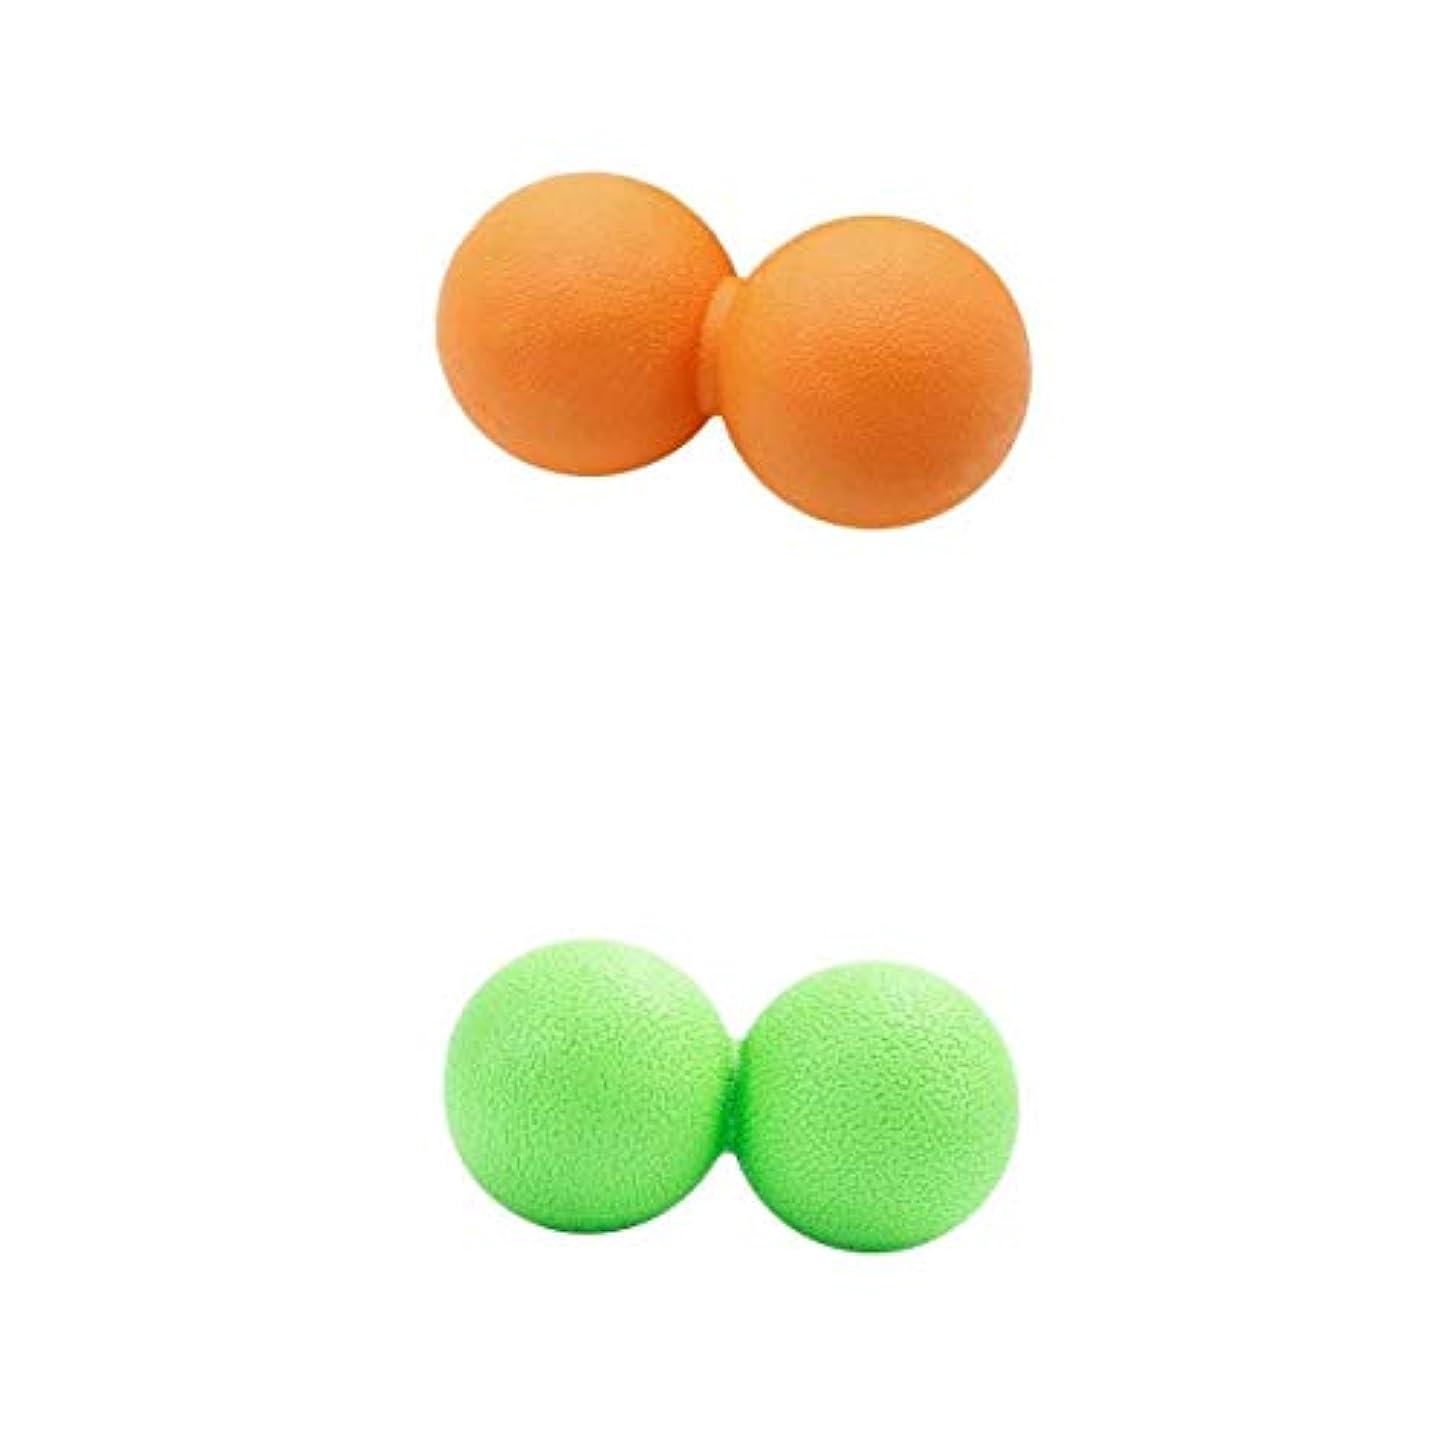 感情高尚な事業マッサージボール ピーナッツ型 筋膜リリース トリガーポイント ツボ押しグッズ 2個入